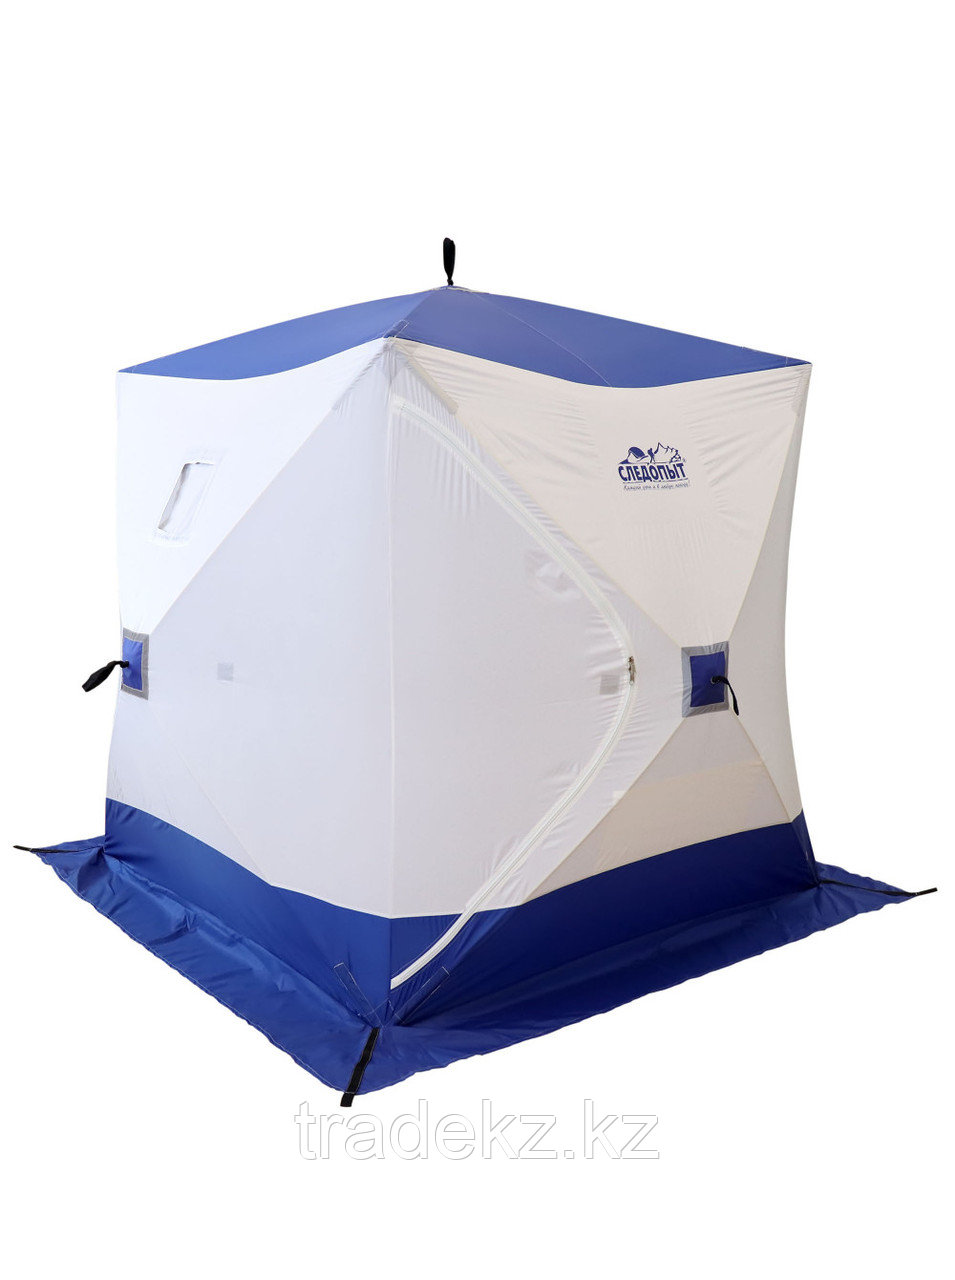 Палатка для зимней рыбалки PF-TW-12 Куб Следопыт 1,8х1,8 OXFORD 210D PU 1000